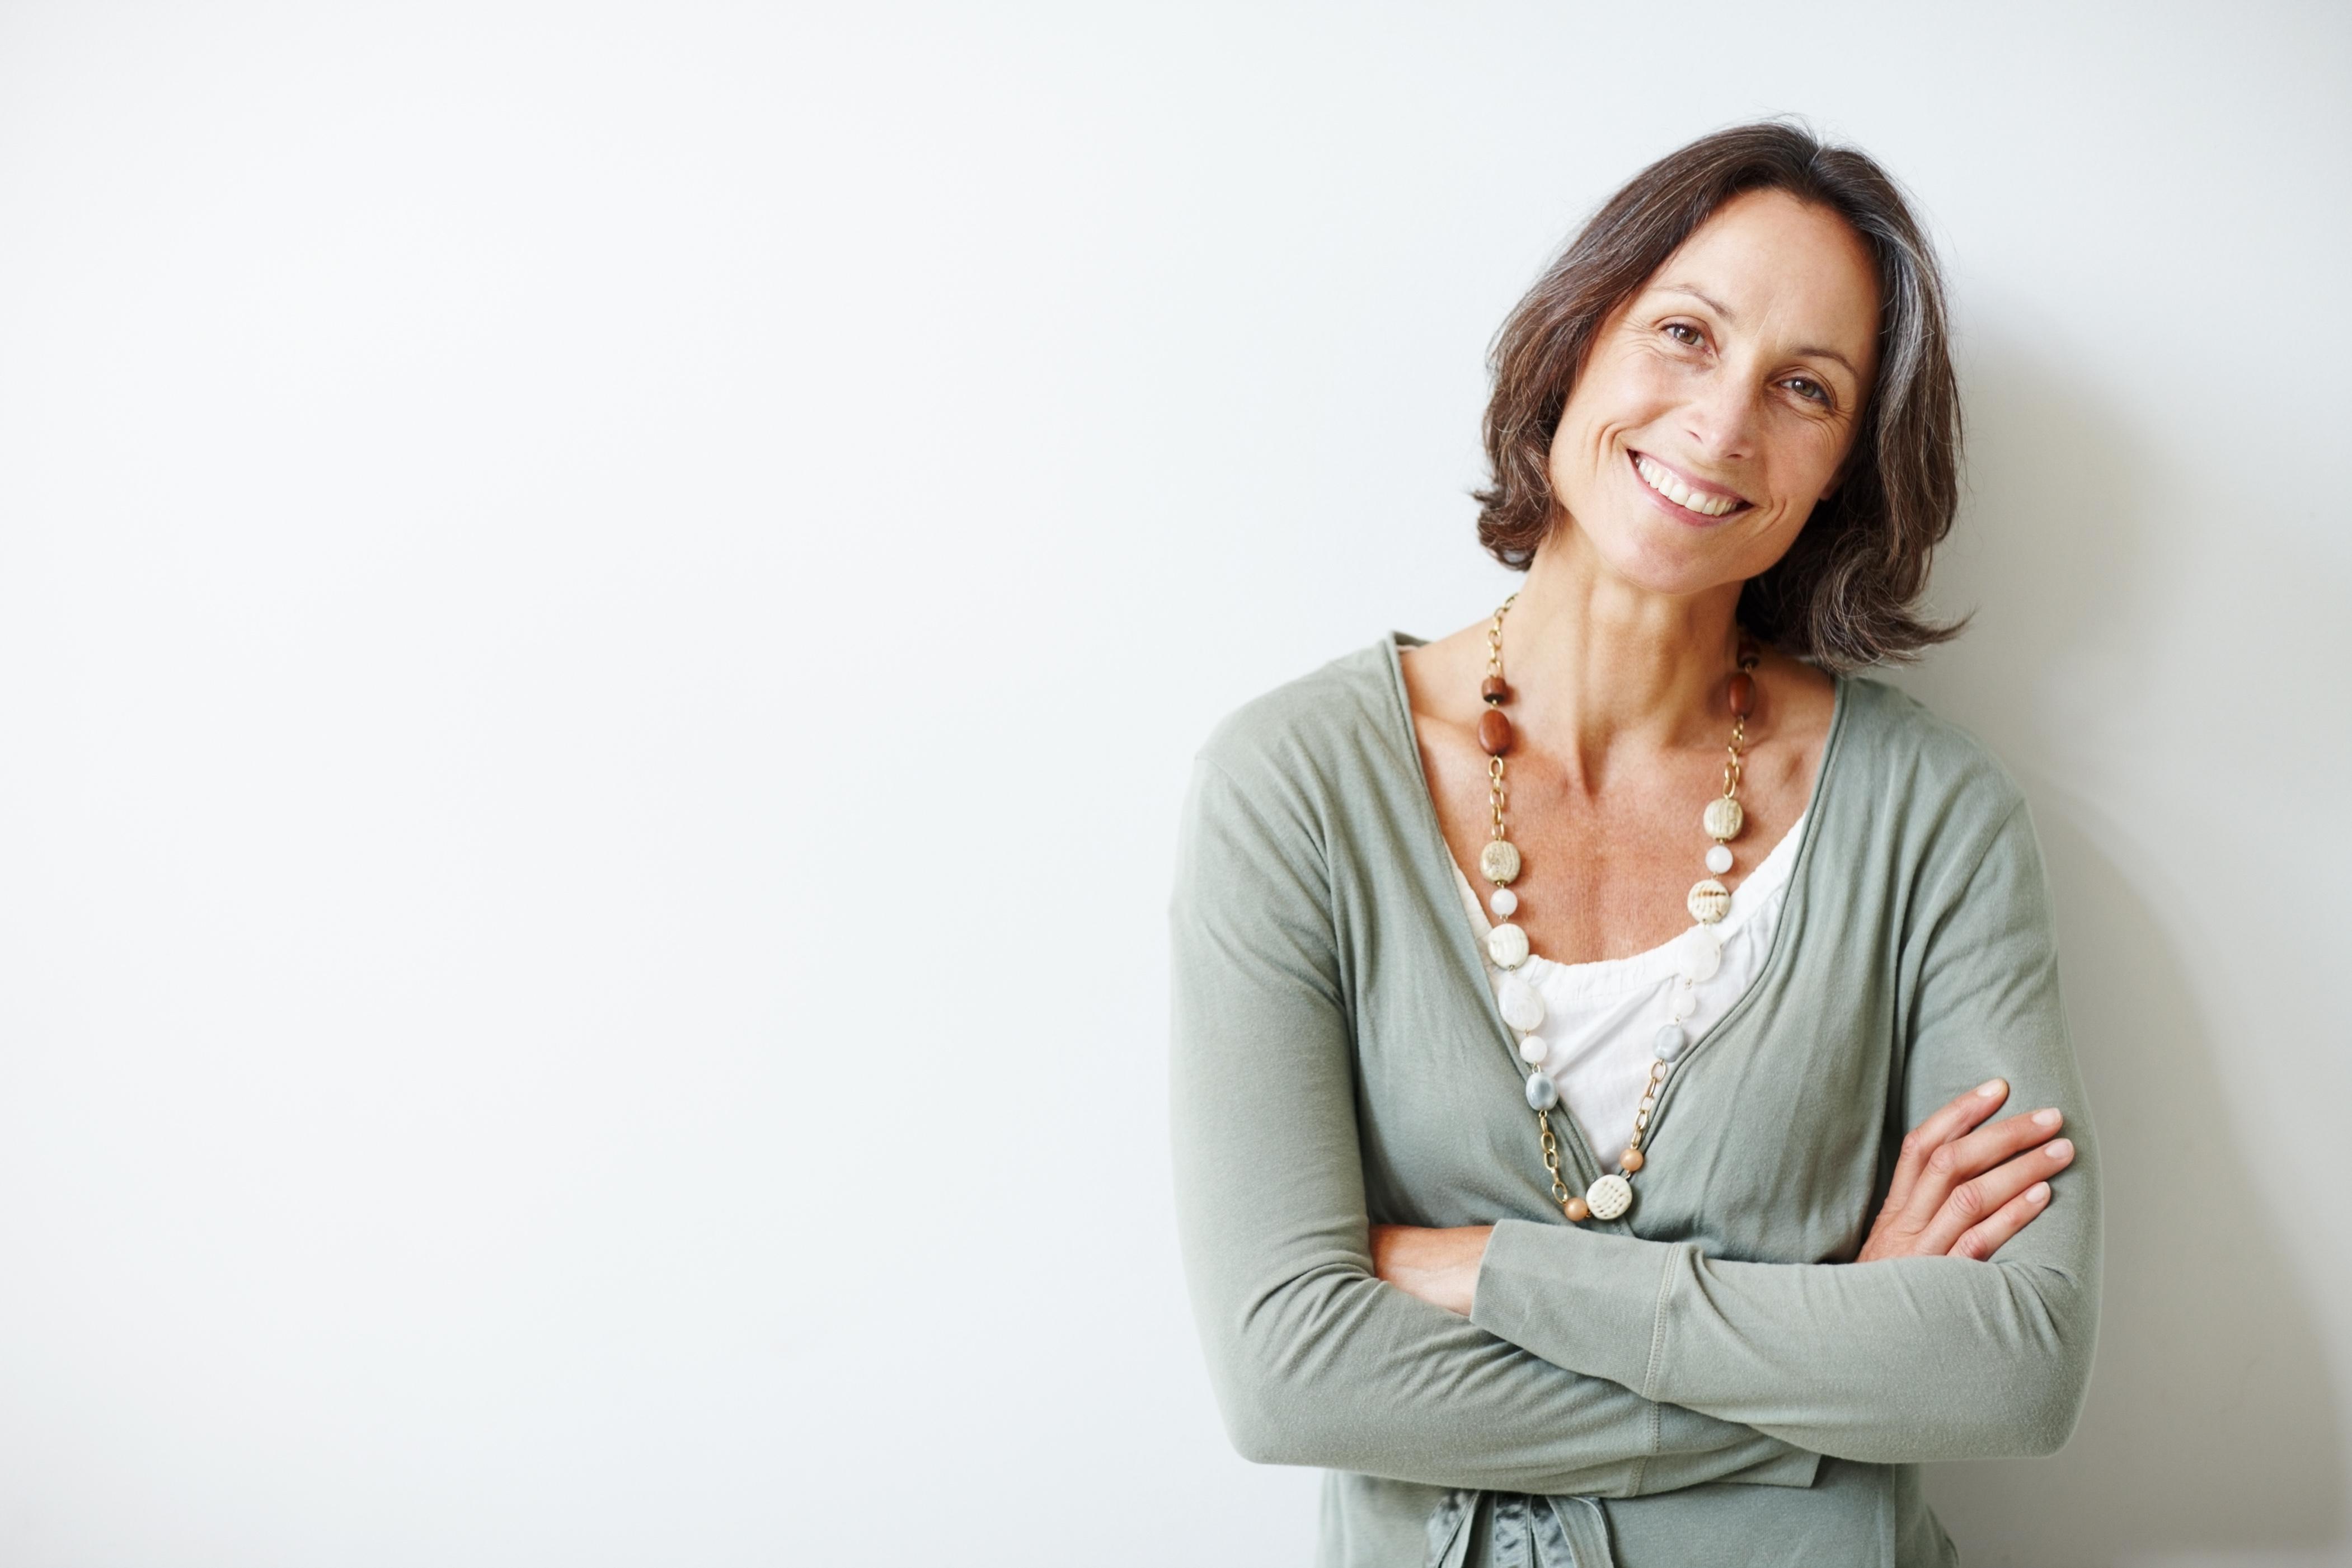 Saúde em dia: 5 principais exames para mulheres depois dos 40 anos